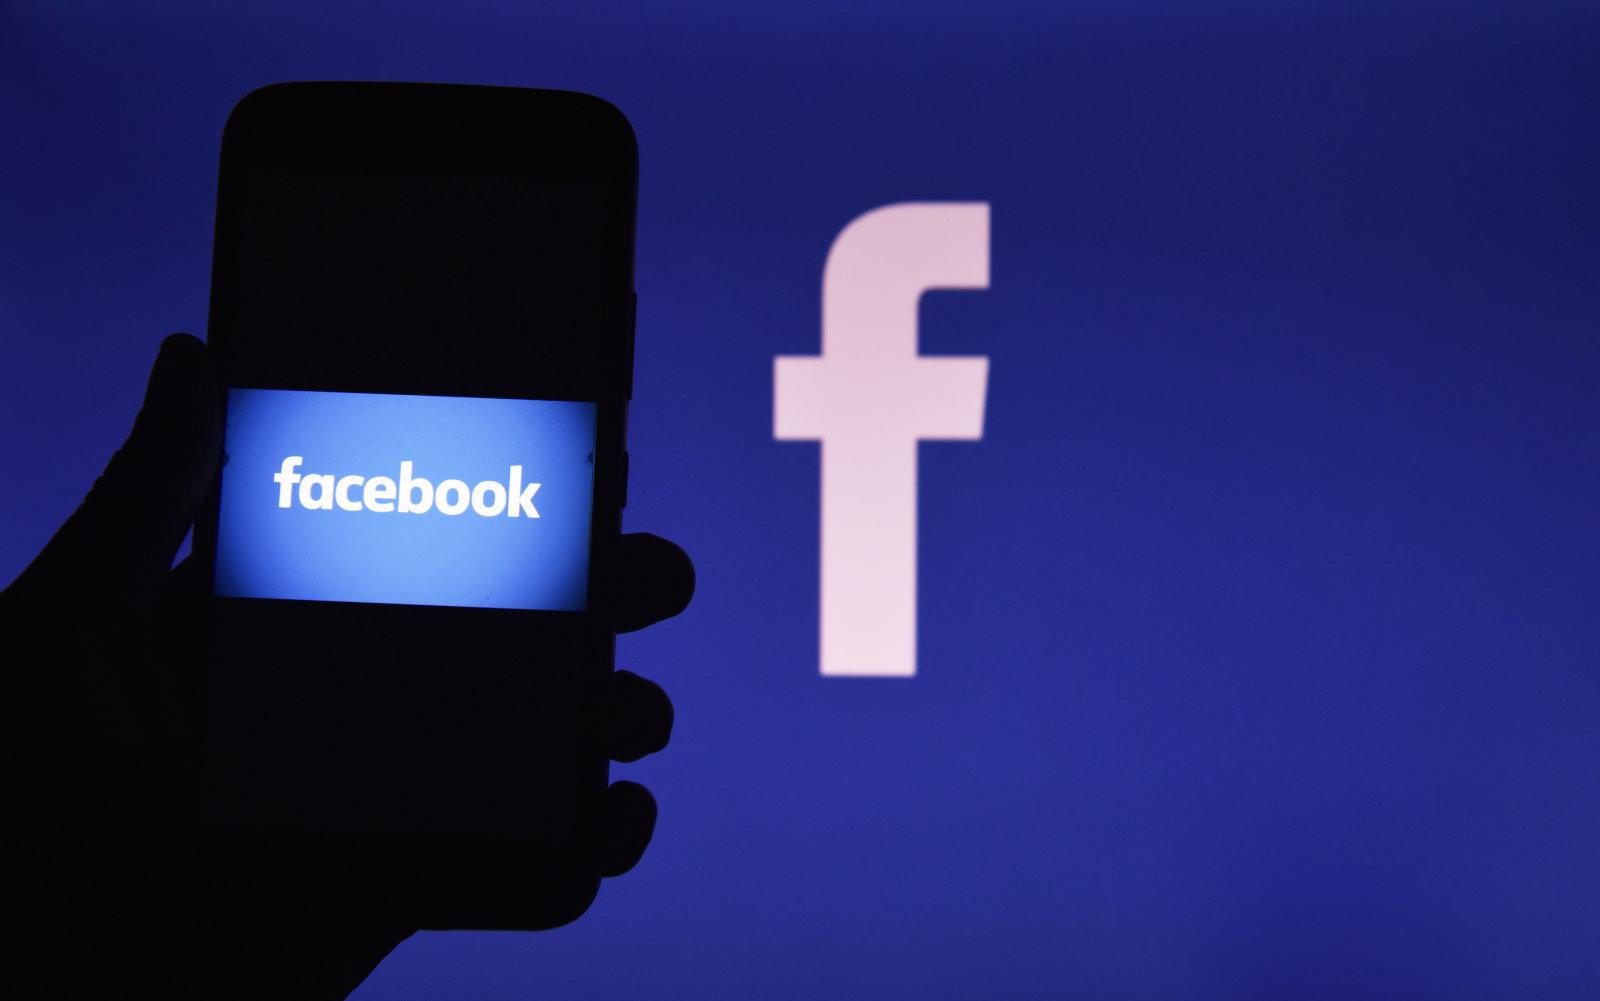 هوش مصنوعی در شناسایی حسابهای جعلی چه کمکی به فیسبوک کرده است؟